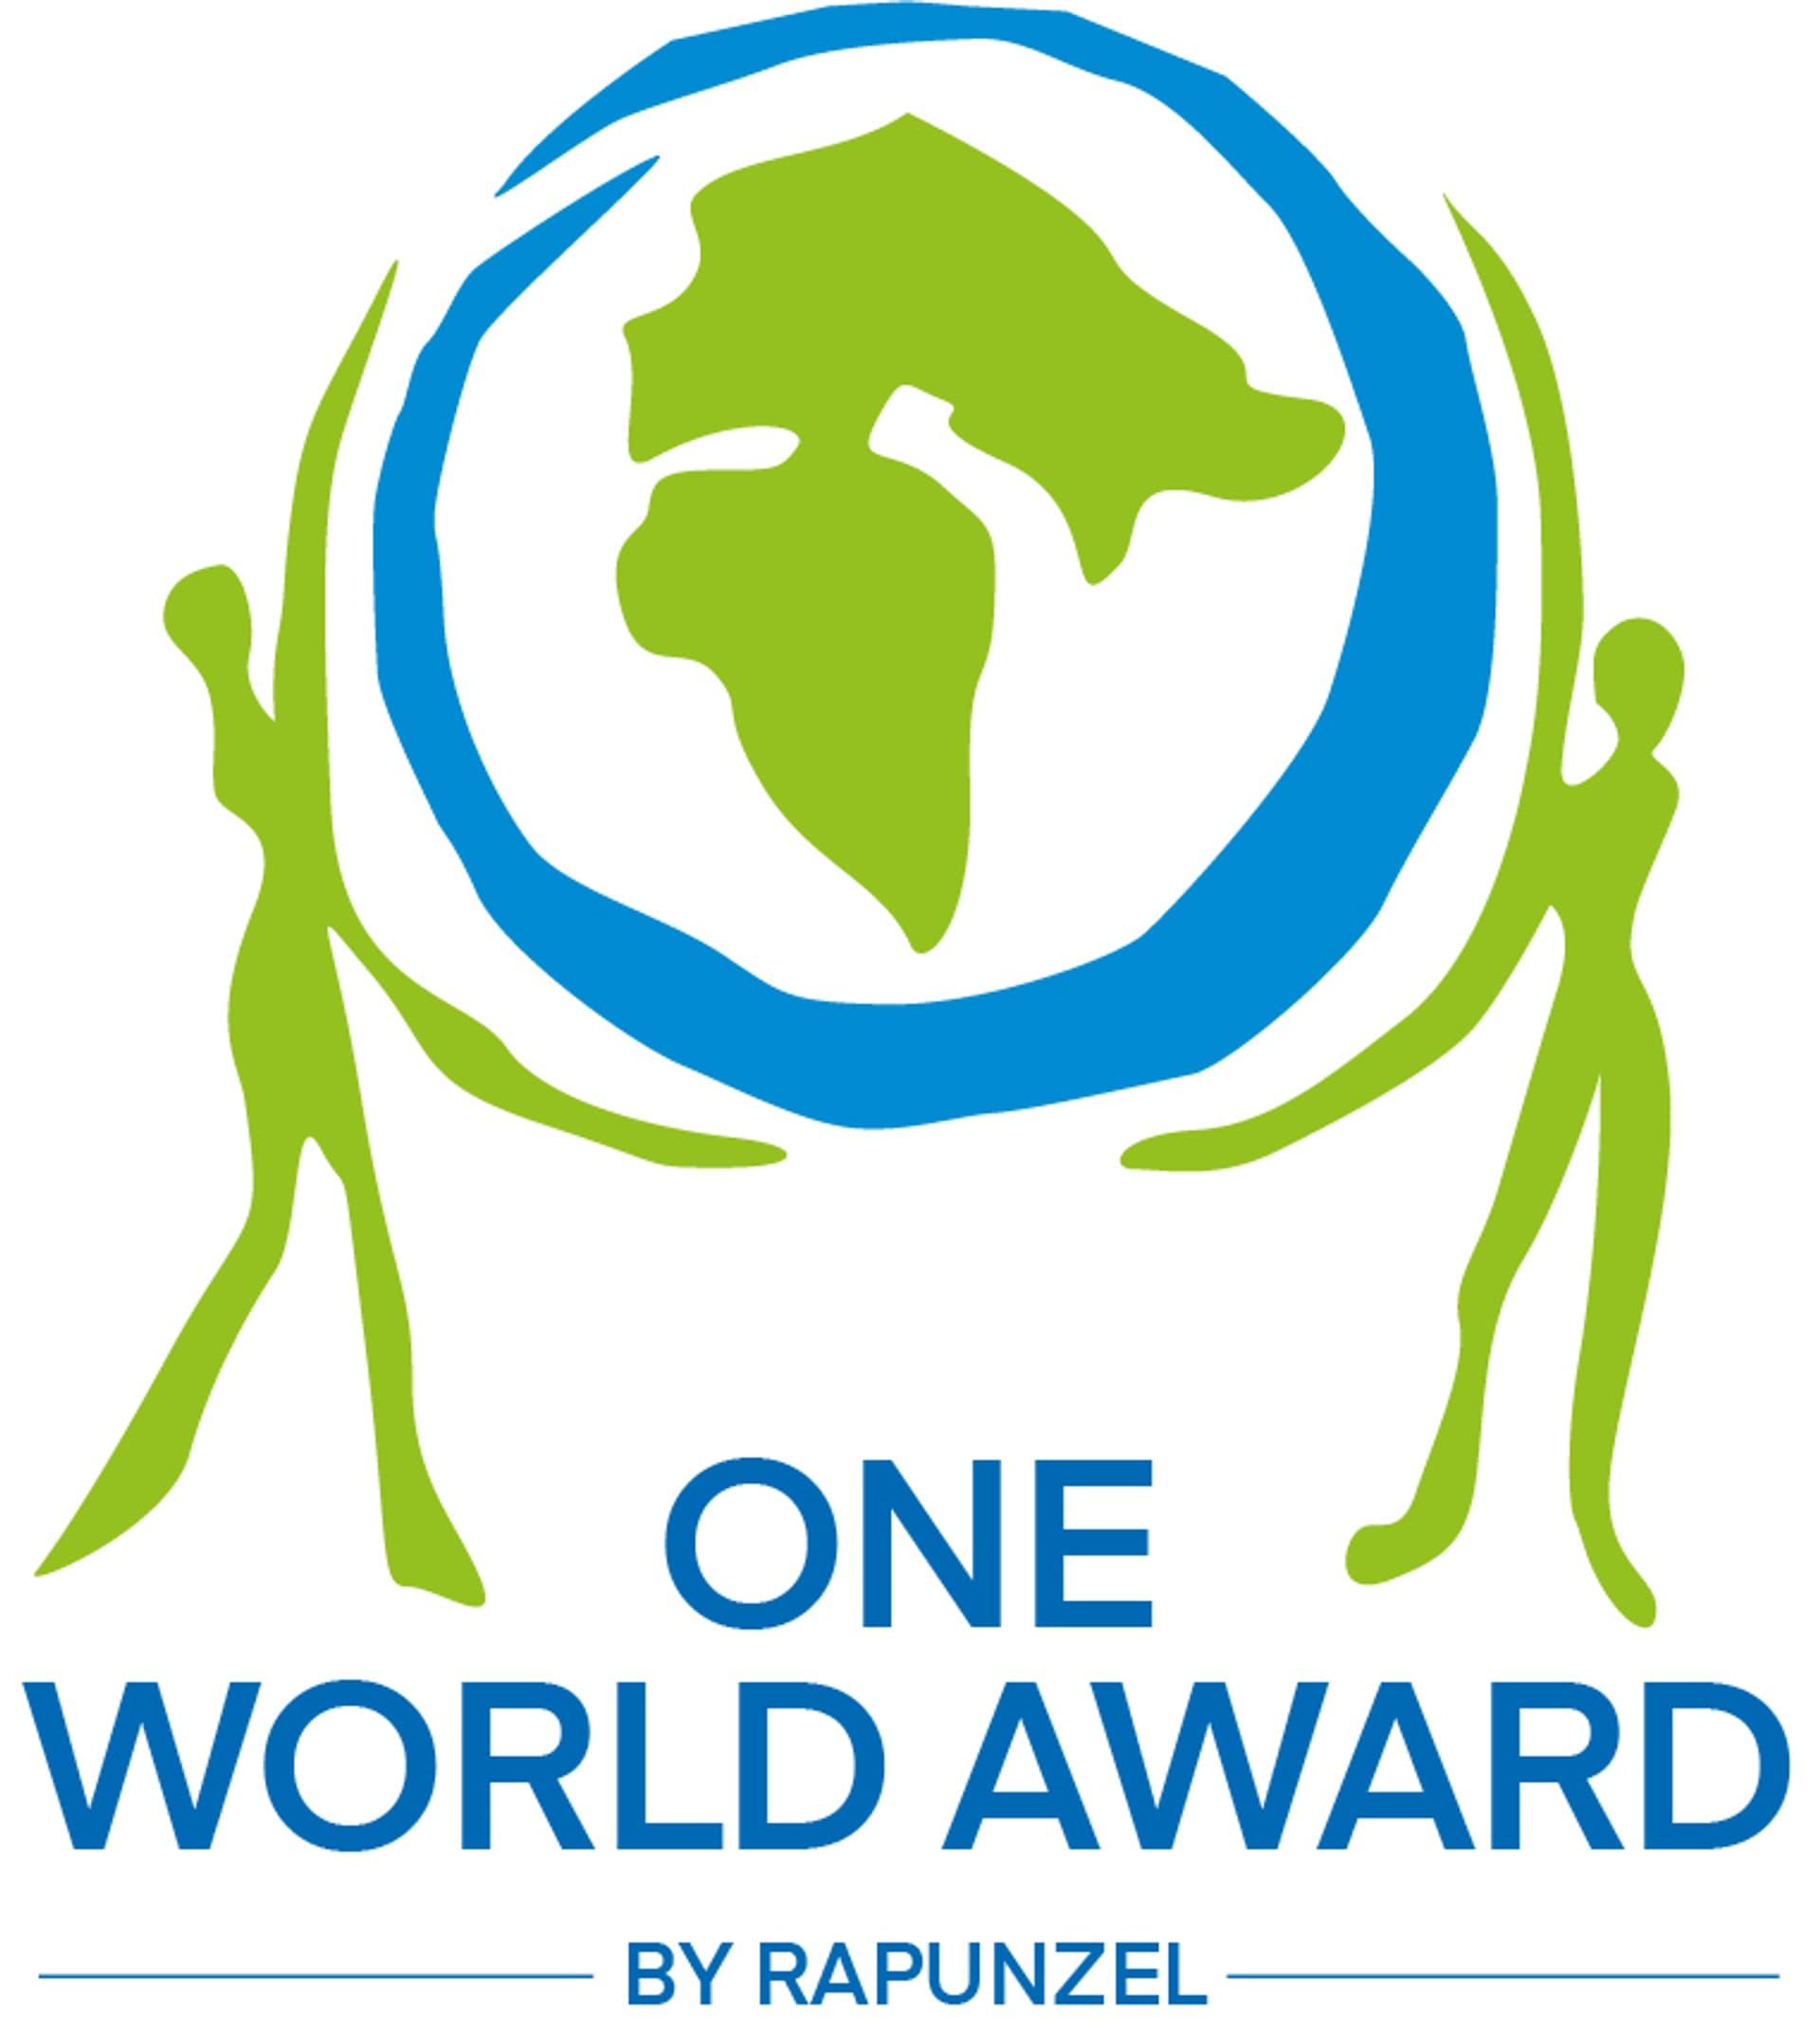 Das Logo des Wettbewerbs One World Award